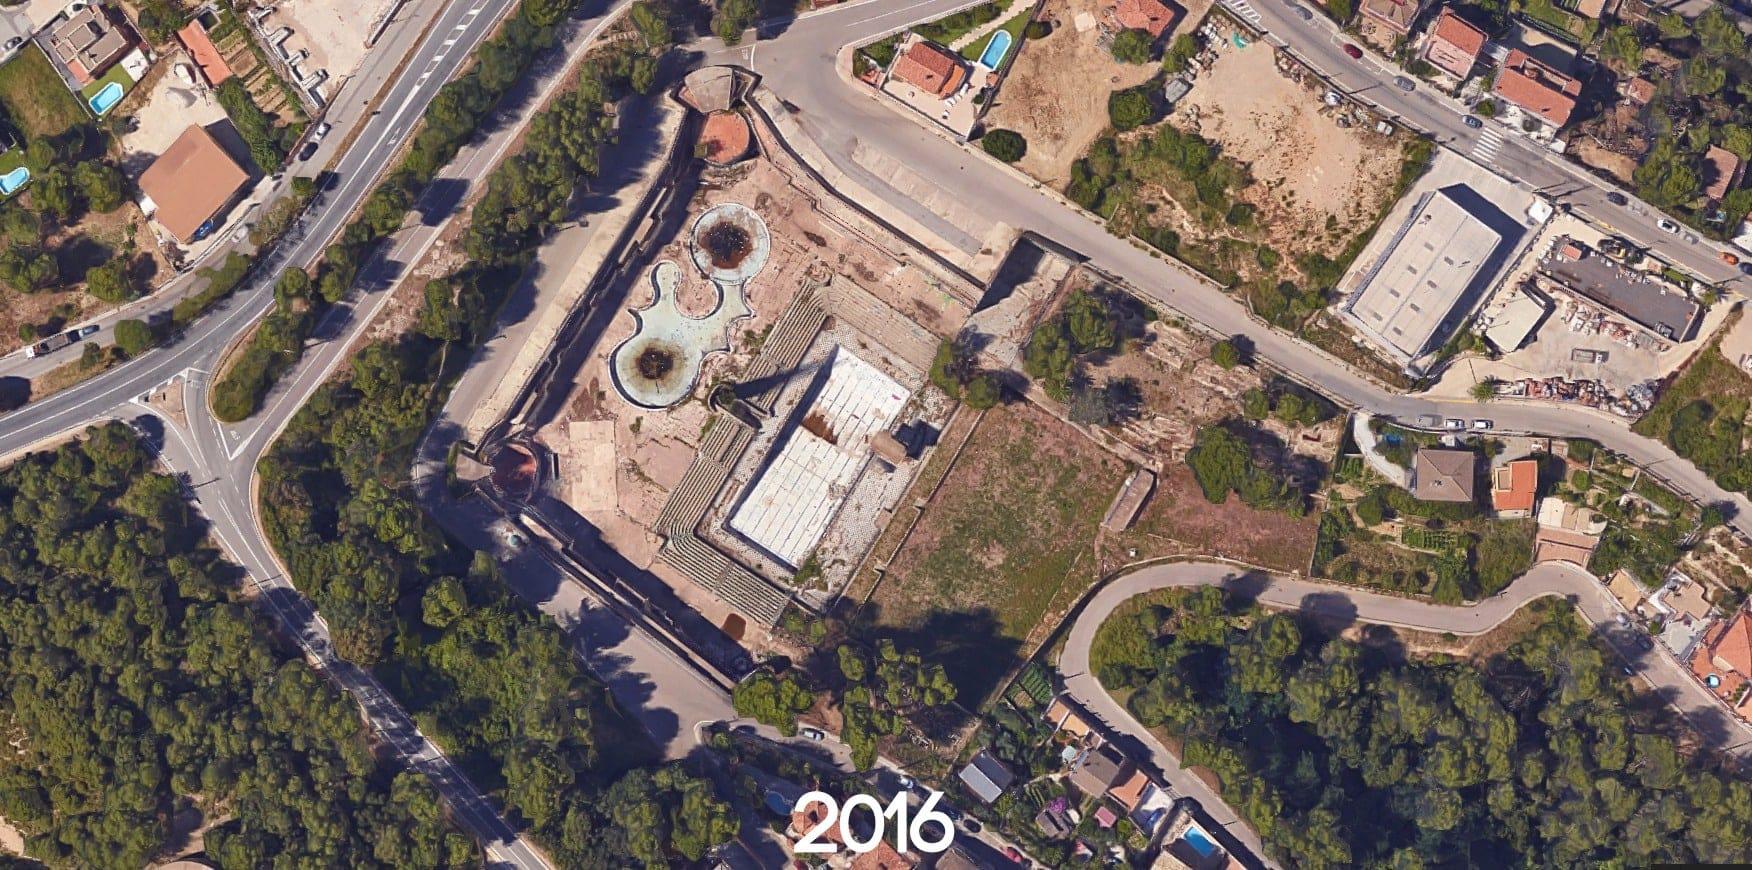 Piscine olympique abandonnée en Espagne   urbexsession.com/piscine-olympique-de-vega   Urbex Espagne